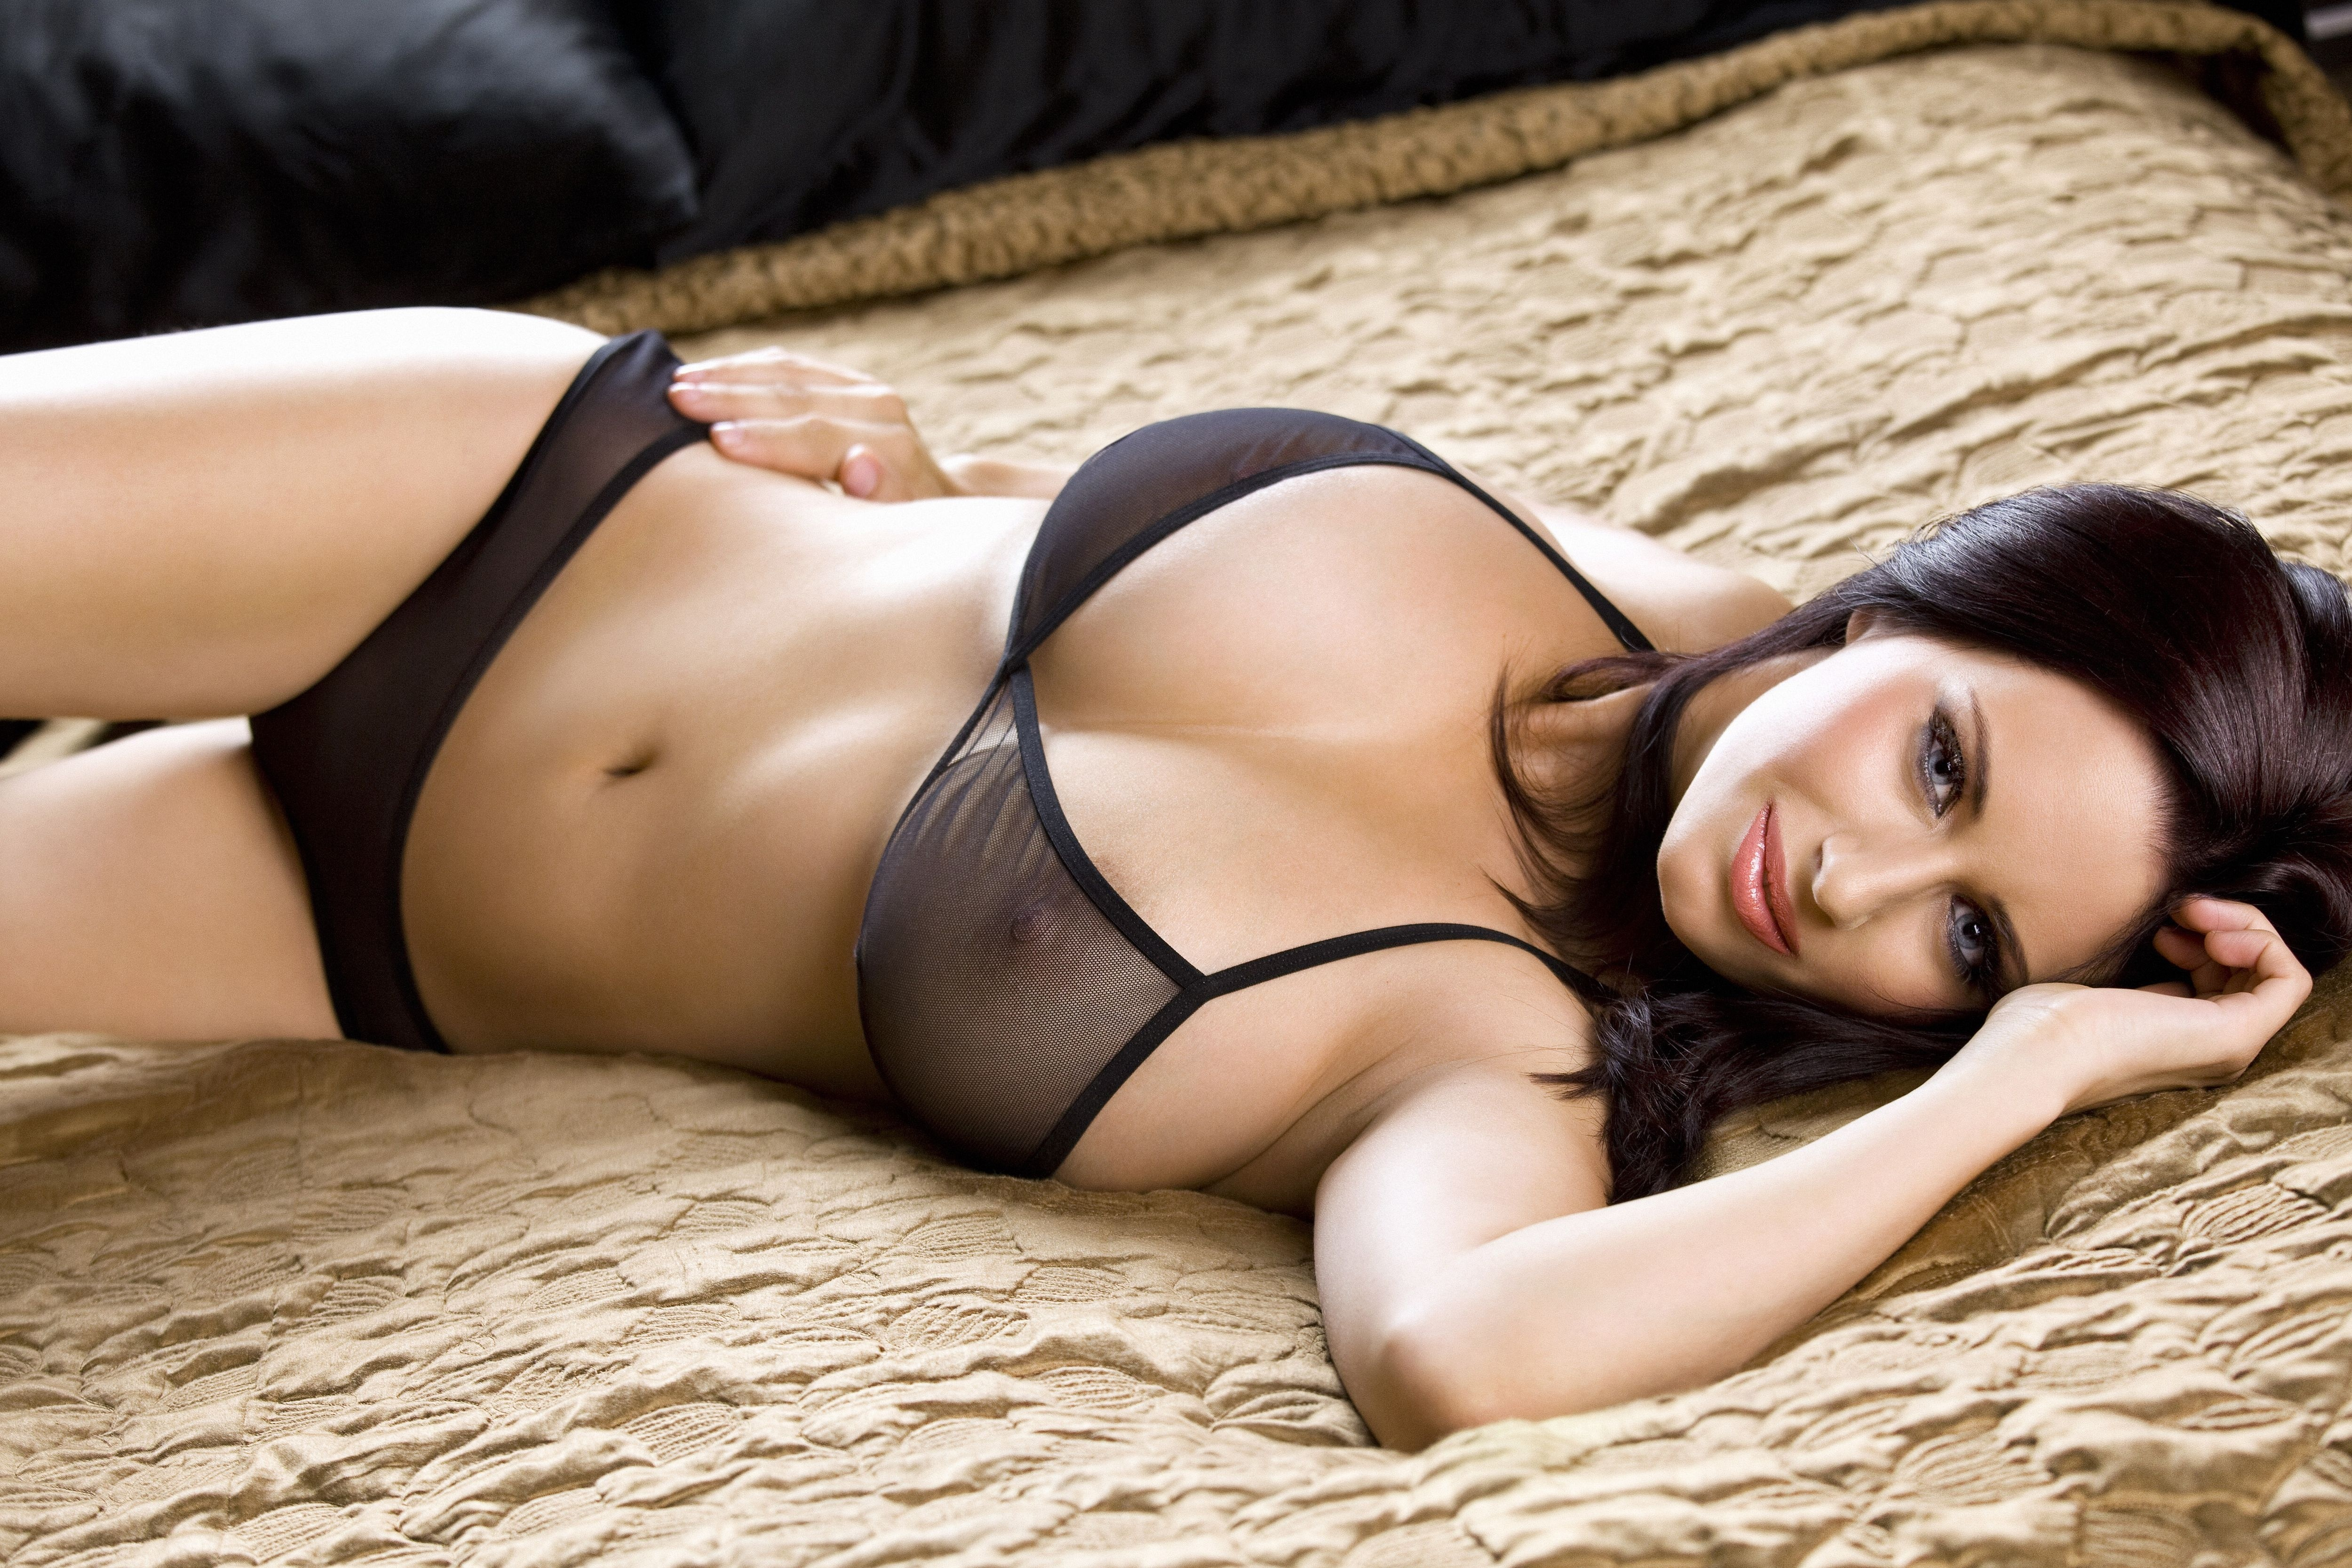 Сочные сексуальные девушки фото 4 фотография